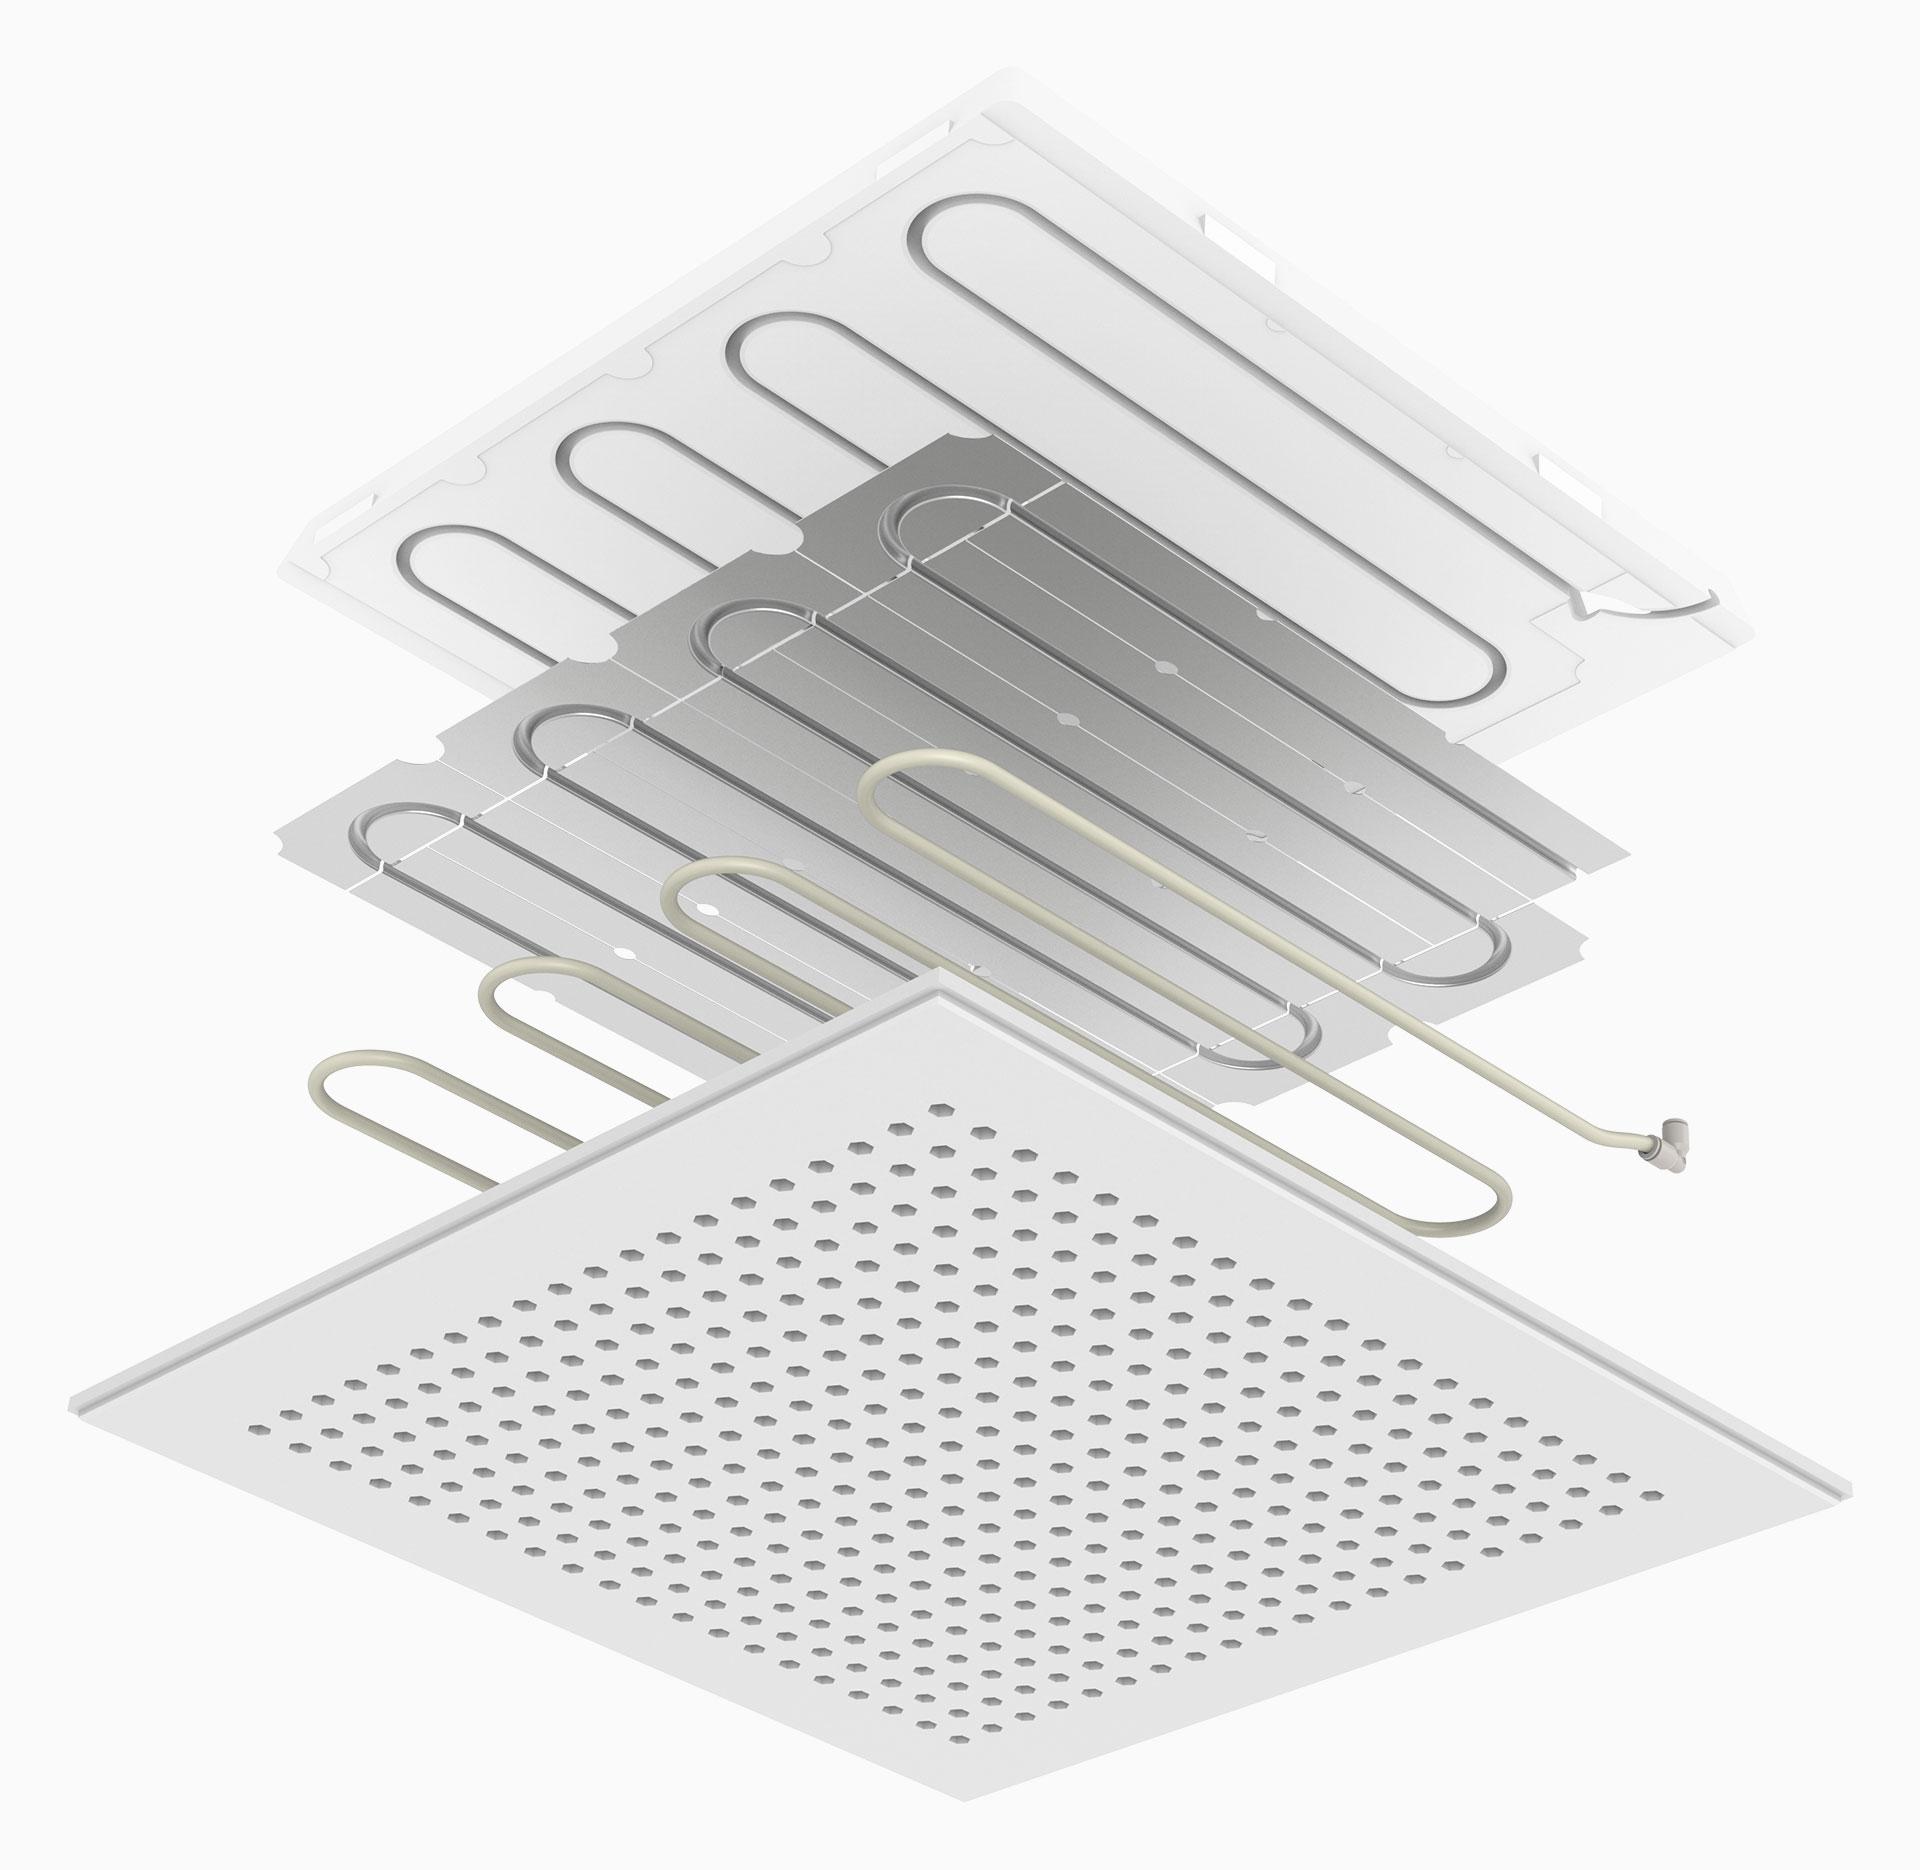 prefabricated radiant panel UTquad - pannello radiante prefabbricato UTquad